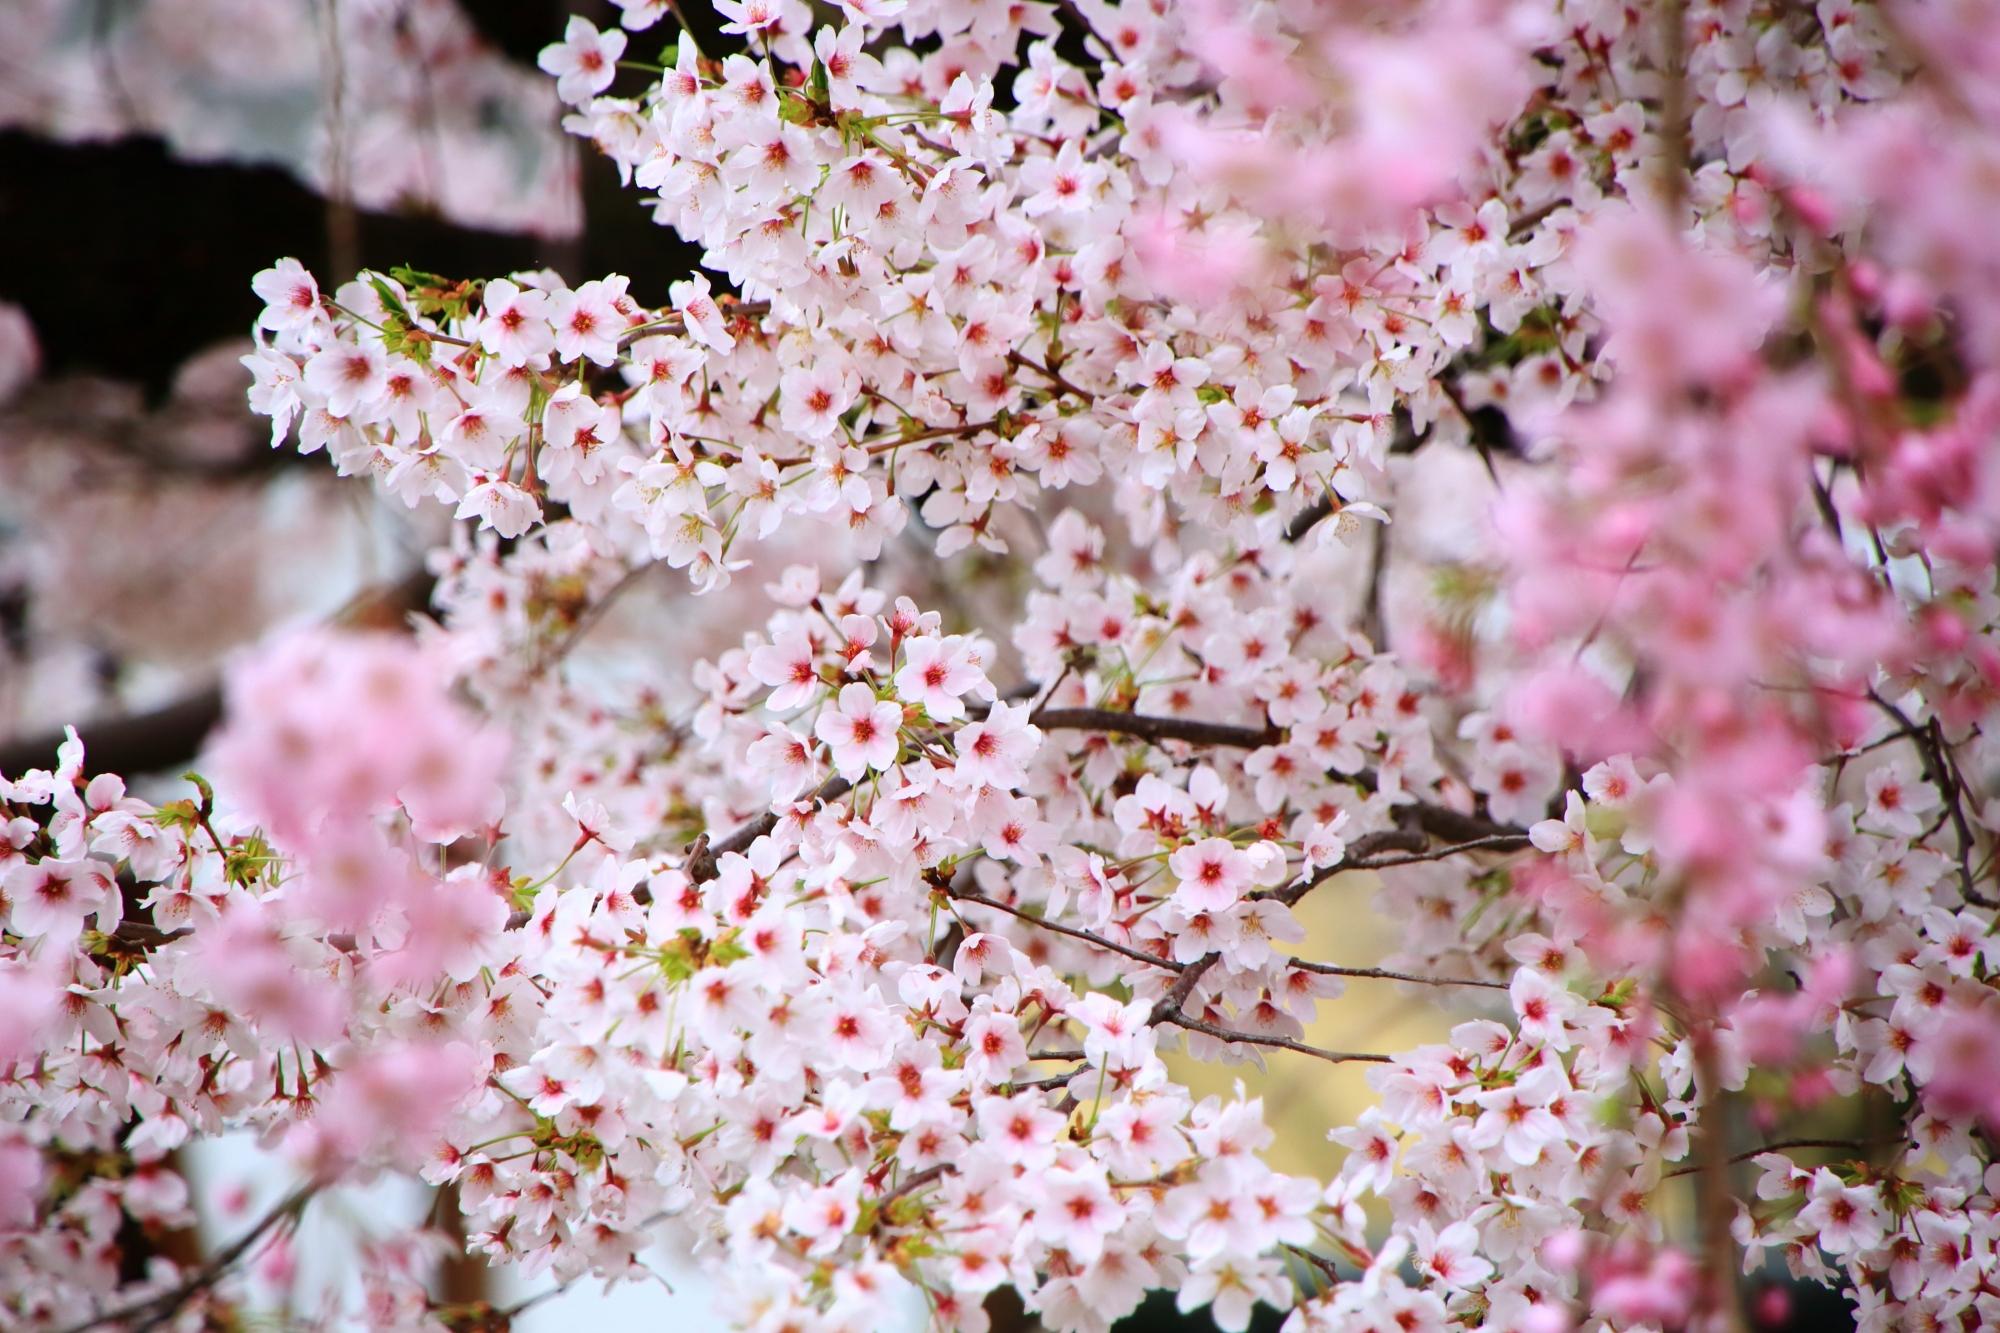 しだれ桜の間から溢れる満開のソメイヨシノ